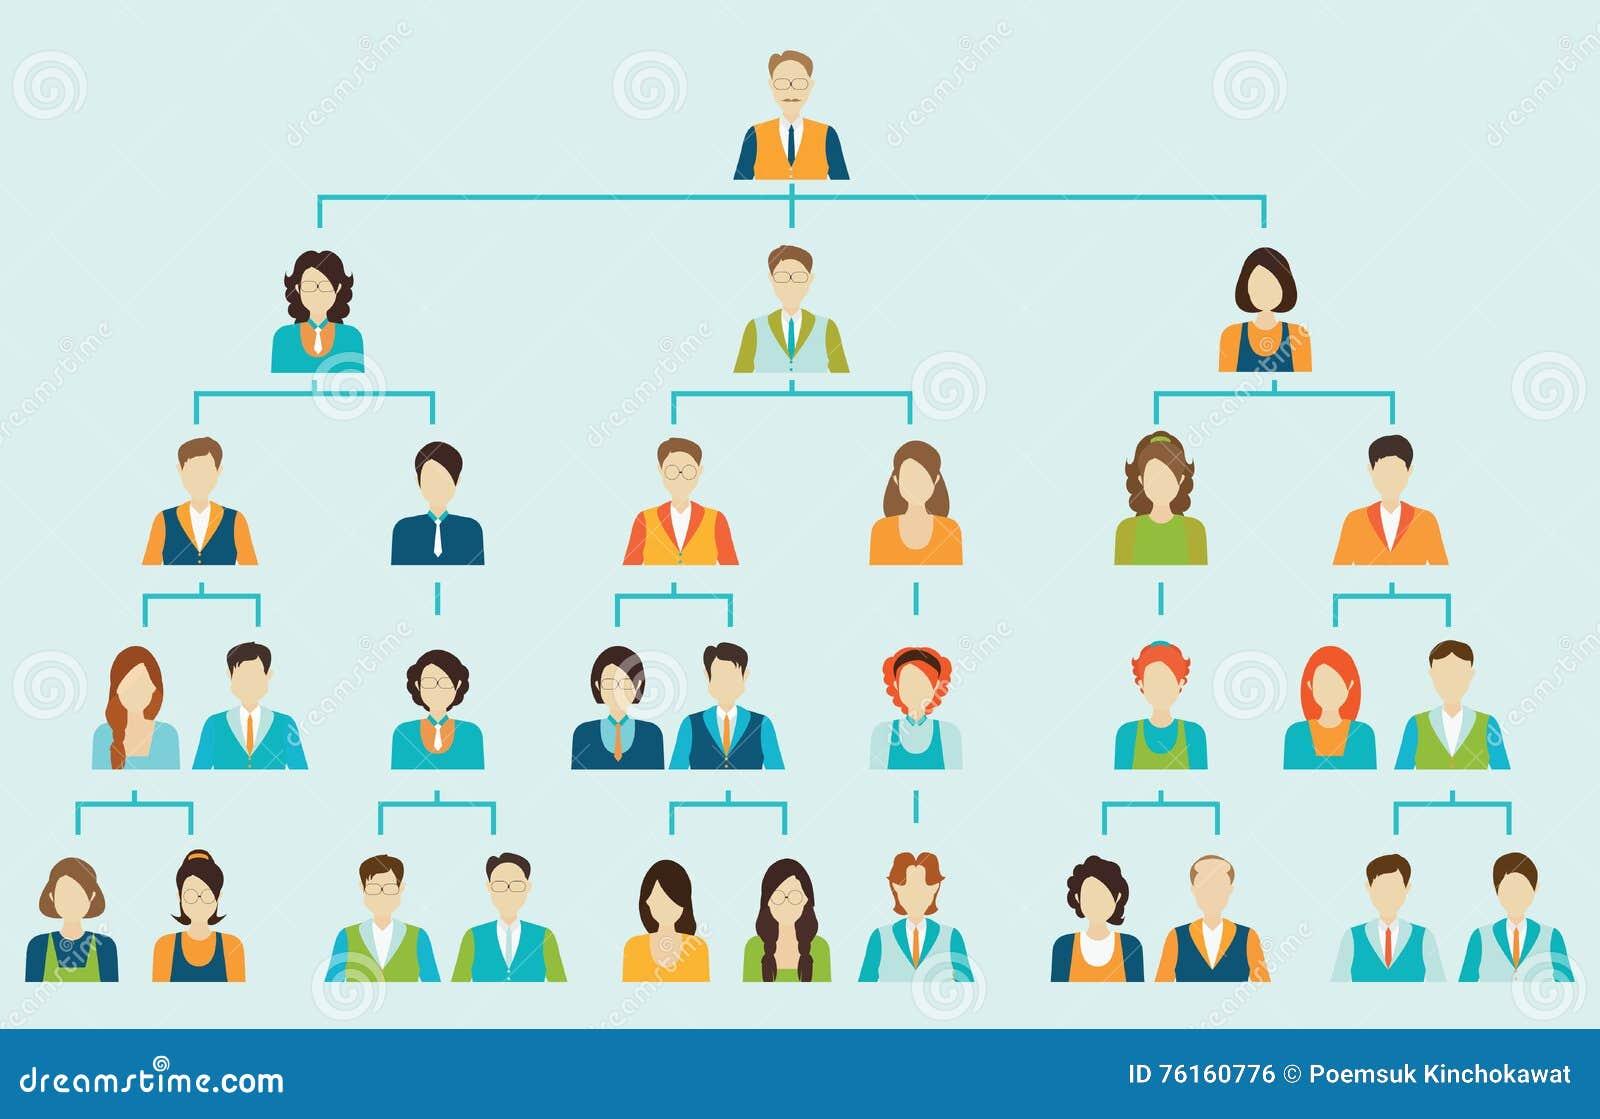 组织系统图公司业务阶层